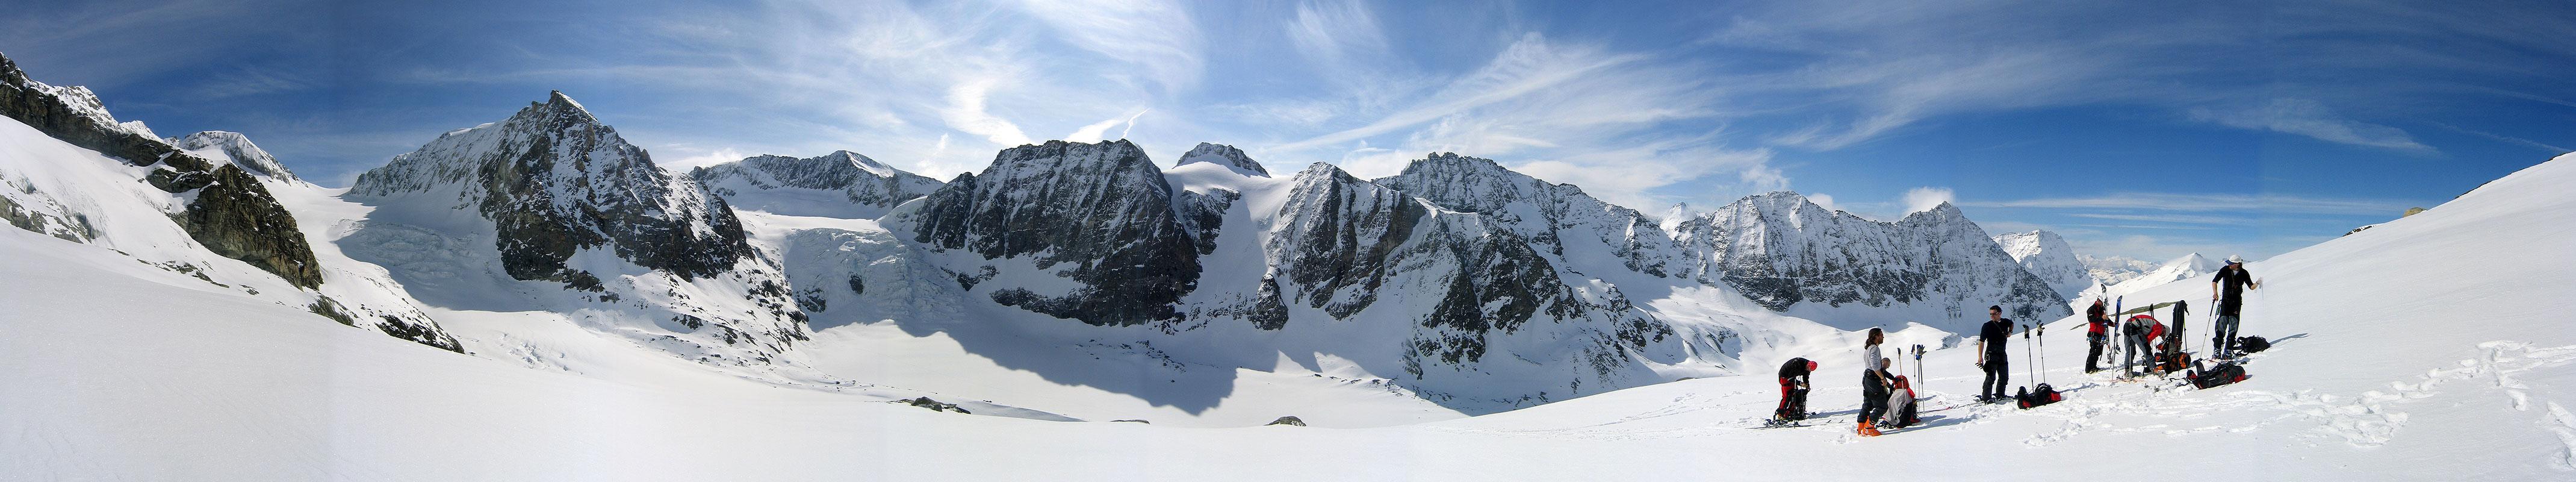 La Ruinette Walliser Alpen / Alpes valaisannes Switzerland panorama 25